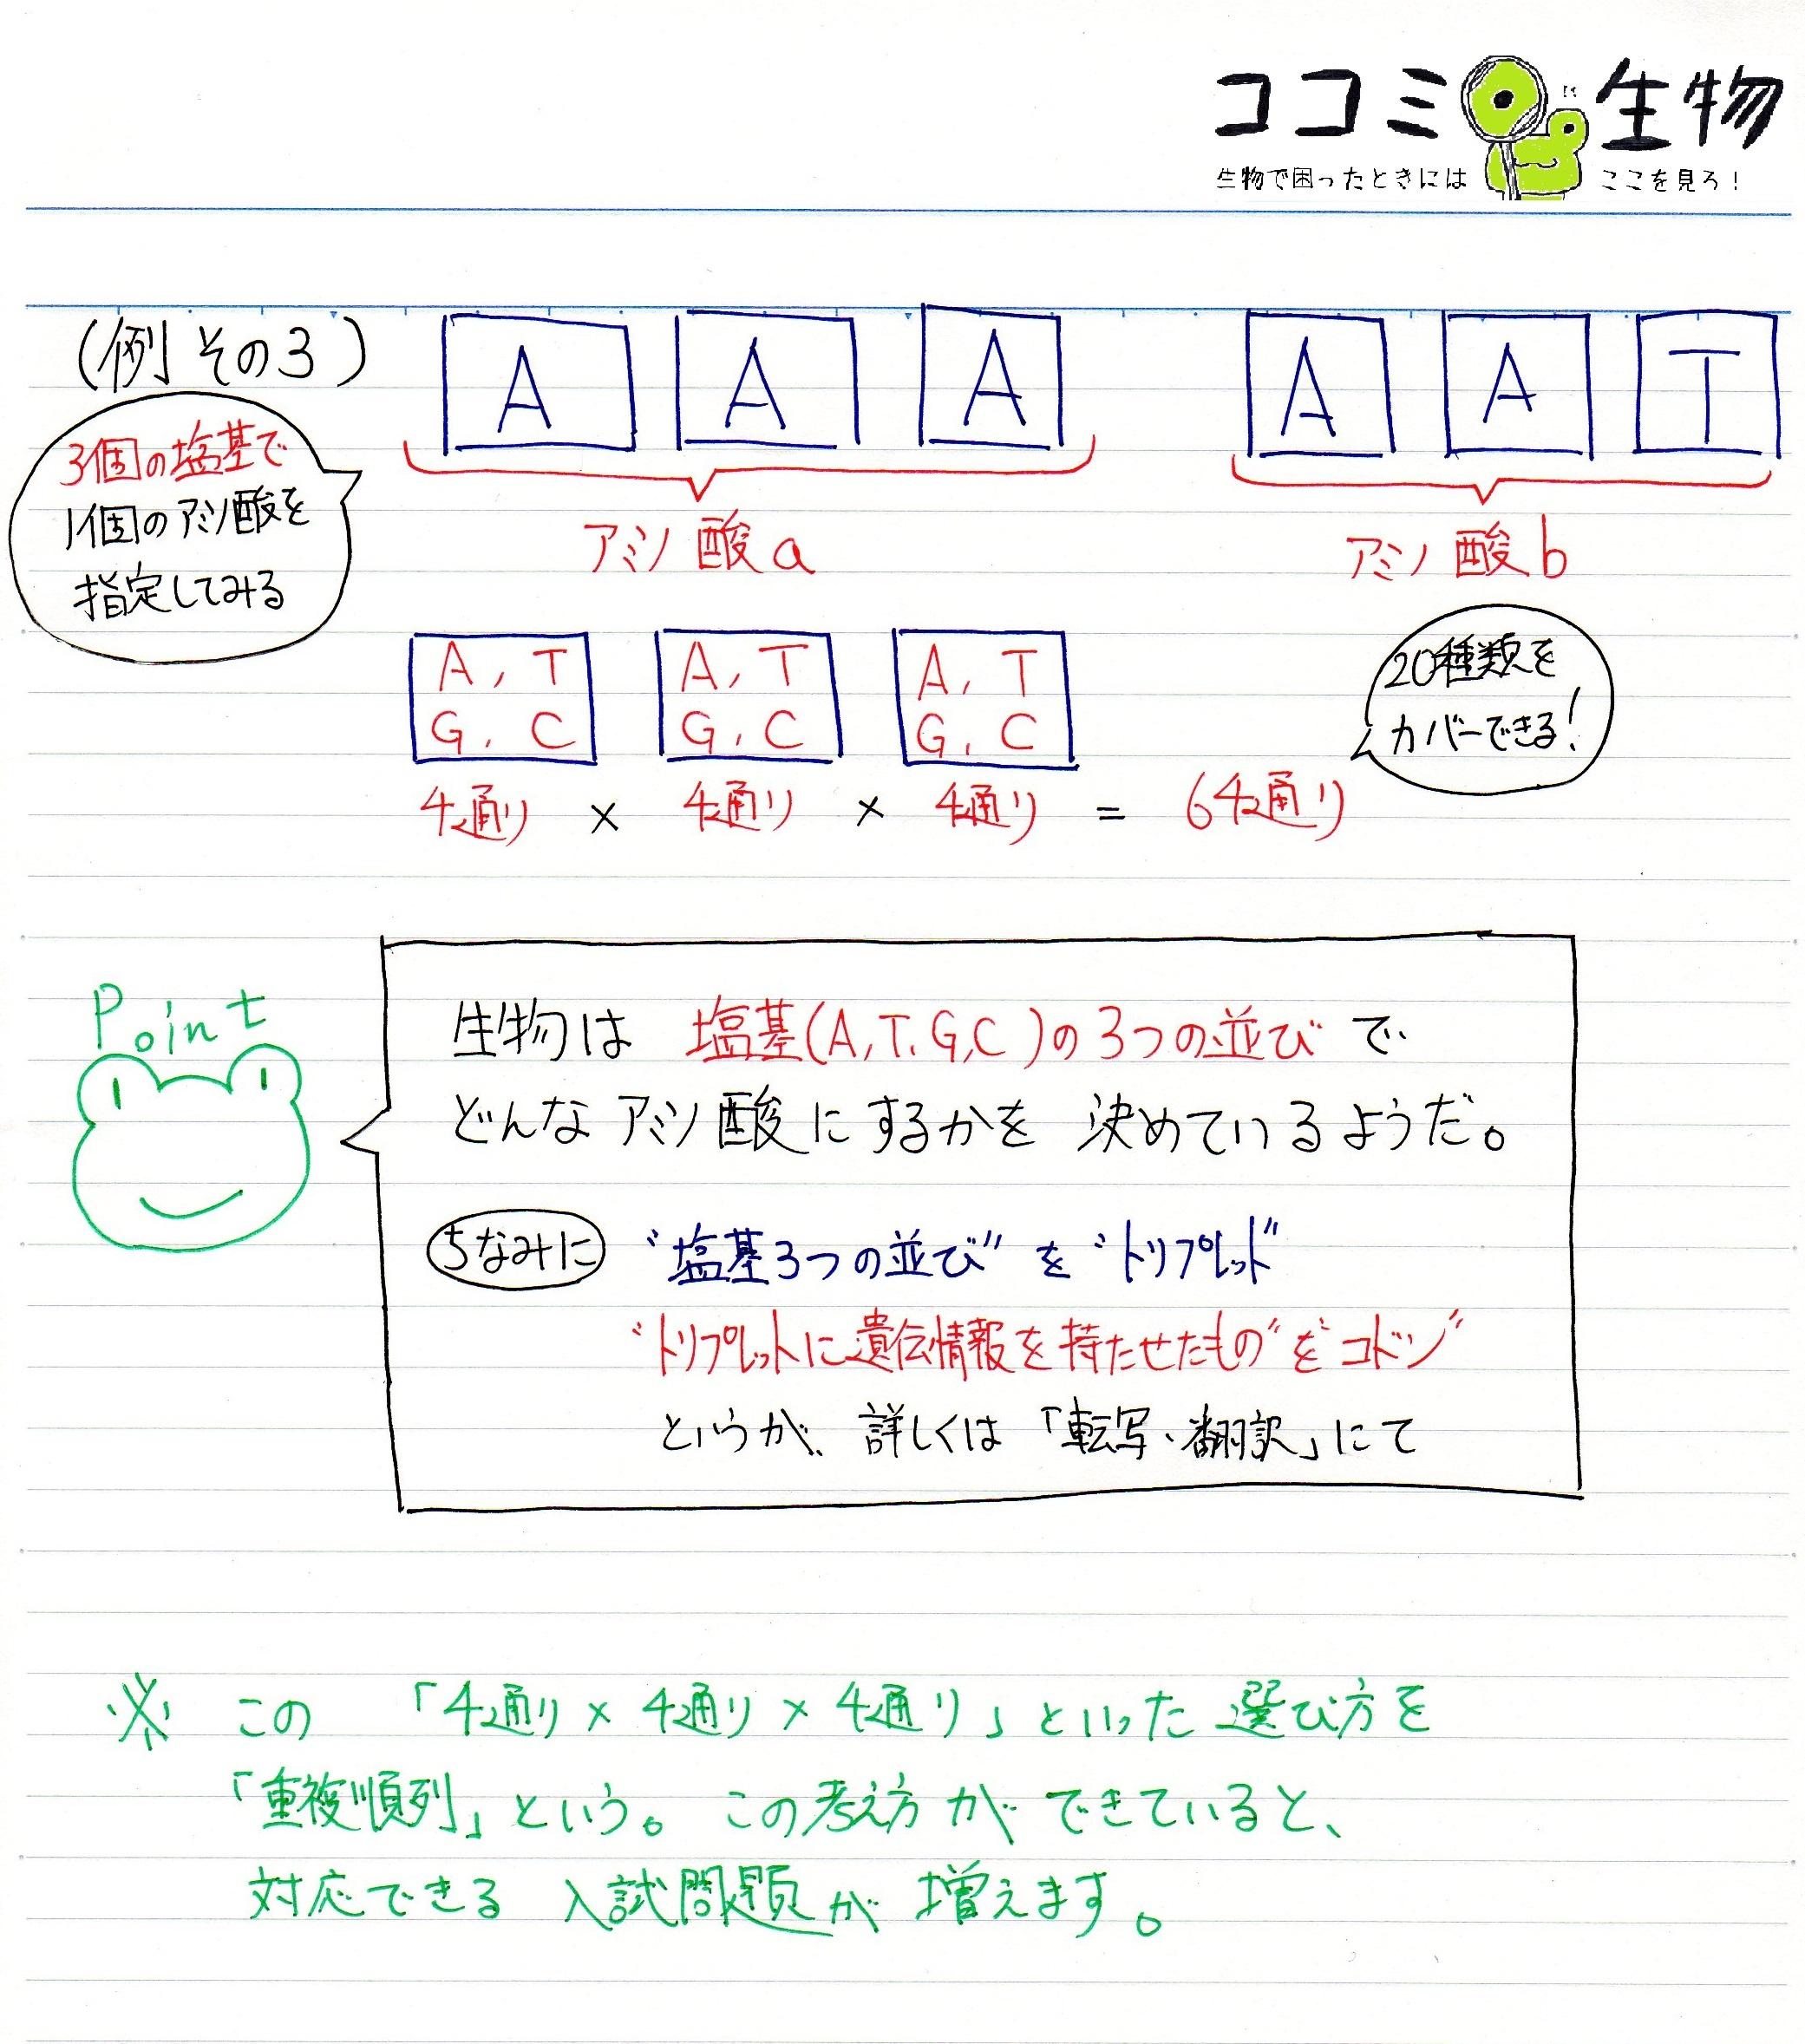 アミノ酸 コドン